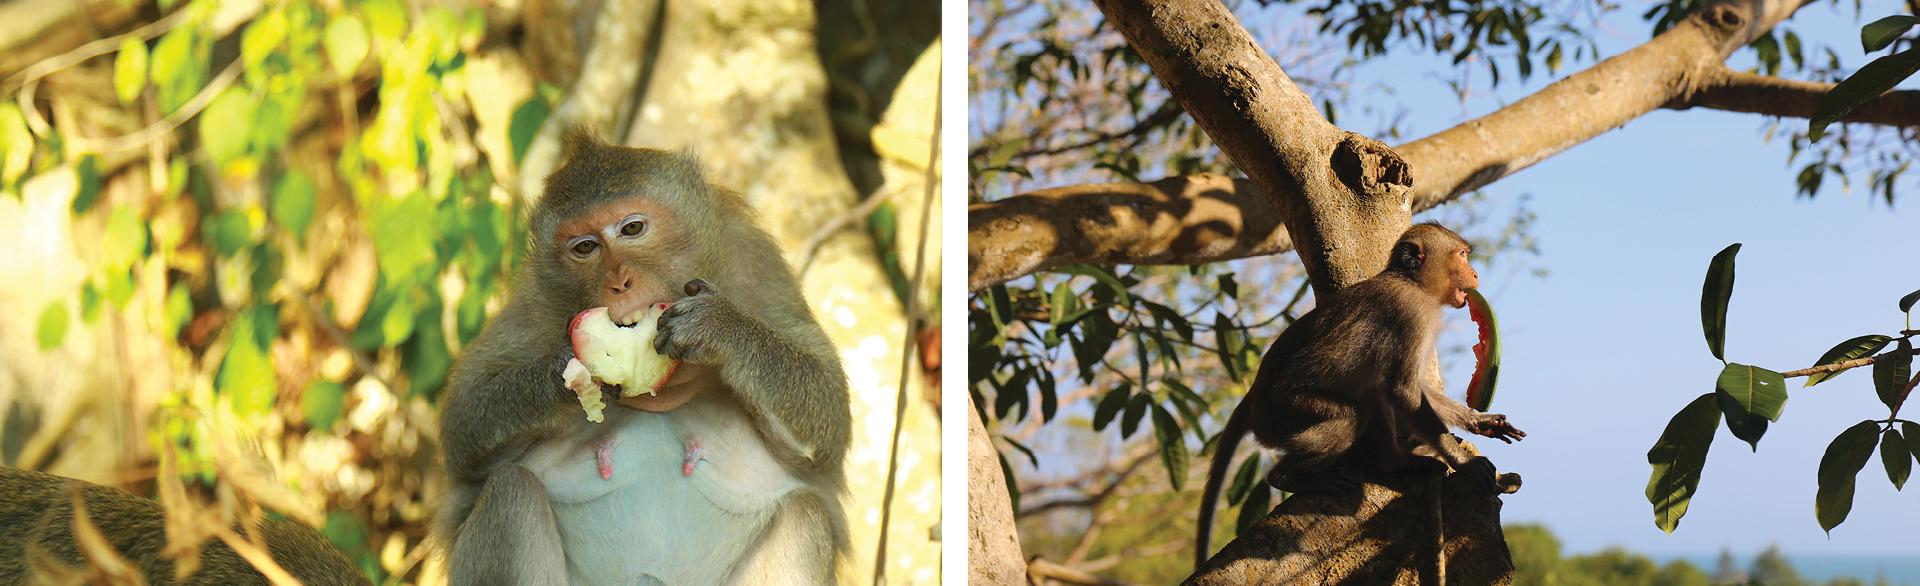 Đàn khỉ sống thân thiện với con người dưới chân núi Kỳ Vân ảnh 11